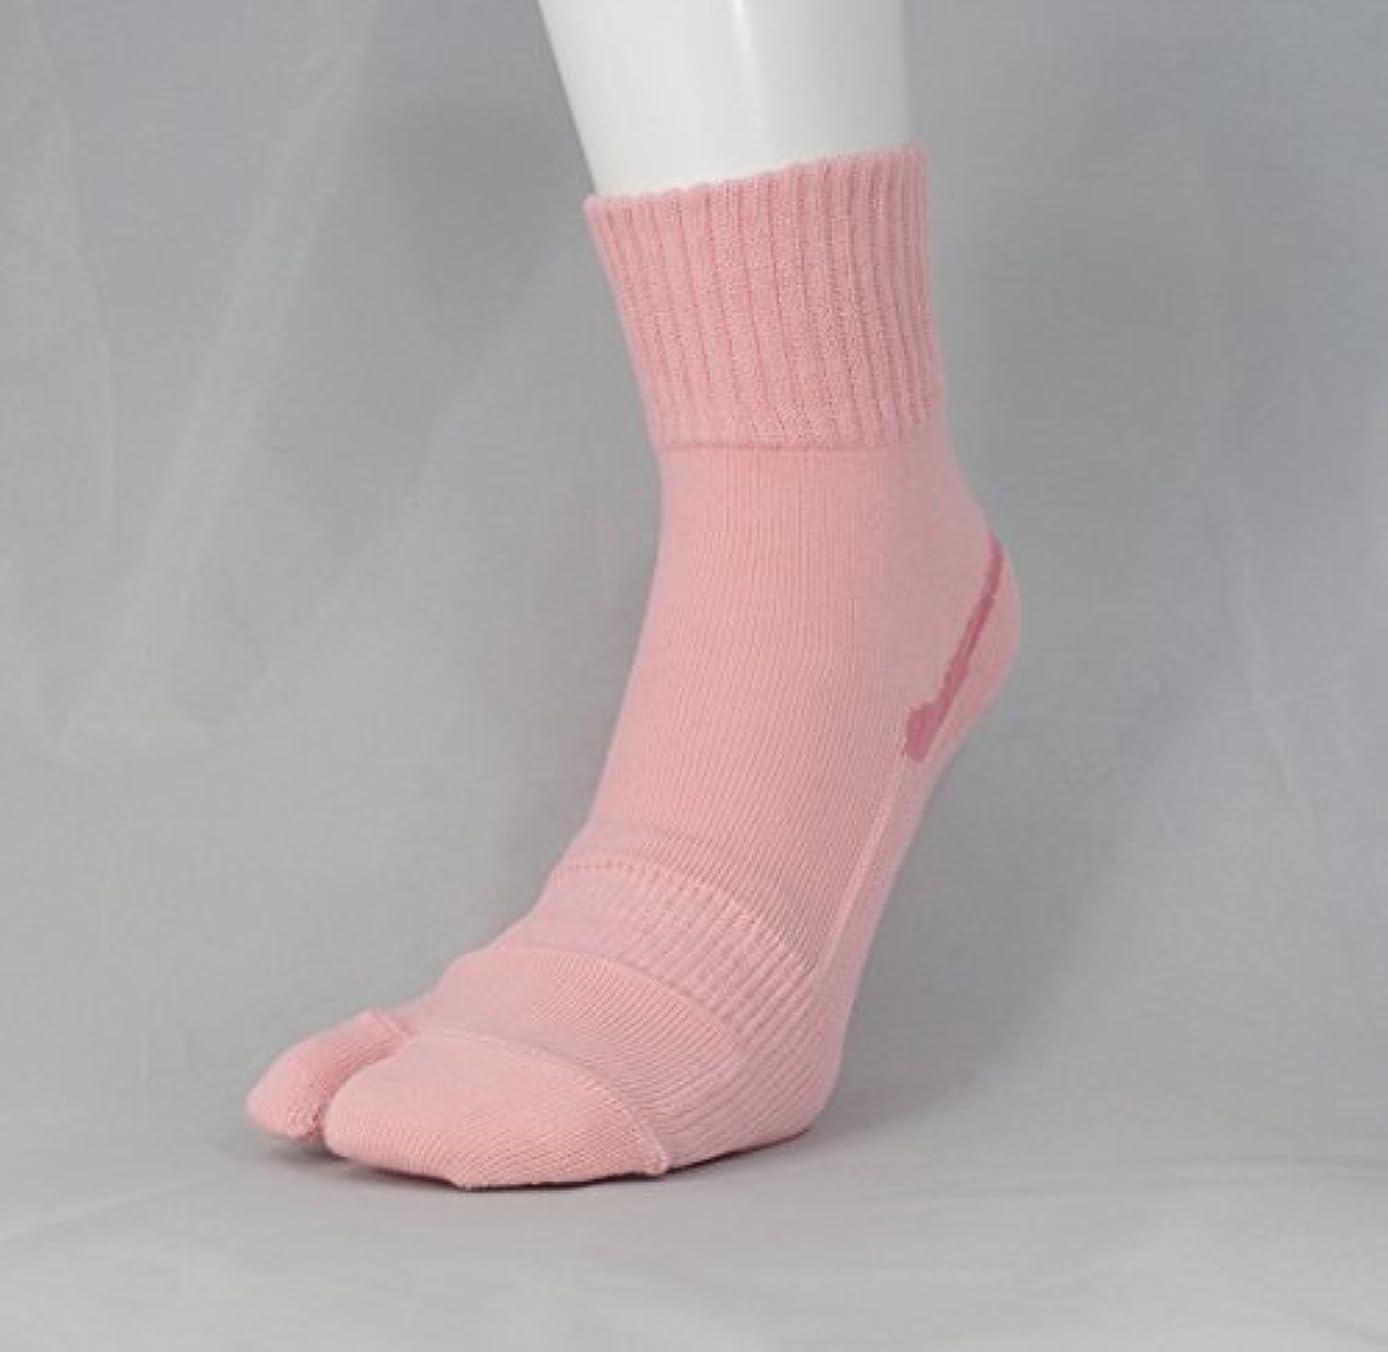 冒険調査慰め【あしサポ】履くだけで足がラクにひらく靴下 外反母趾に (Mサイズ(23-24センチ), ピンク)